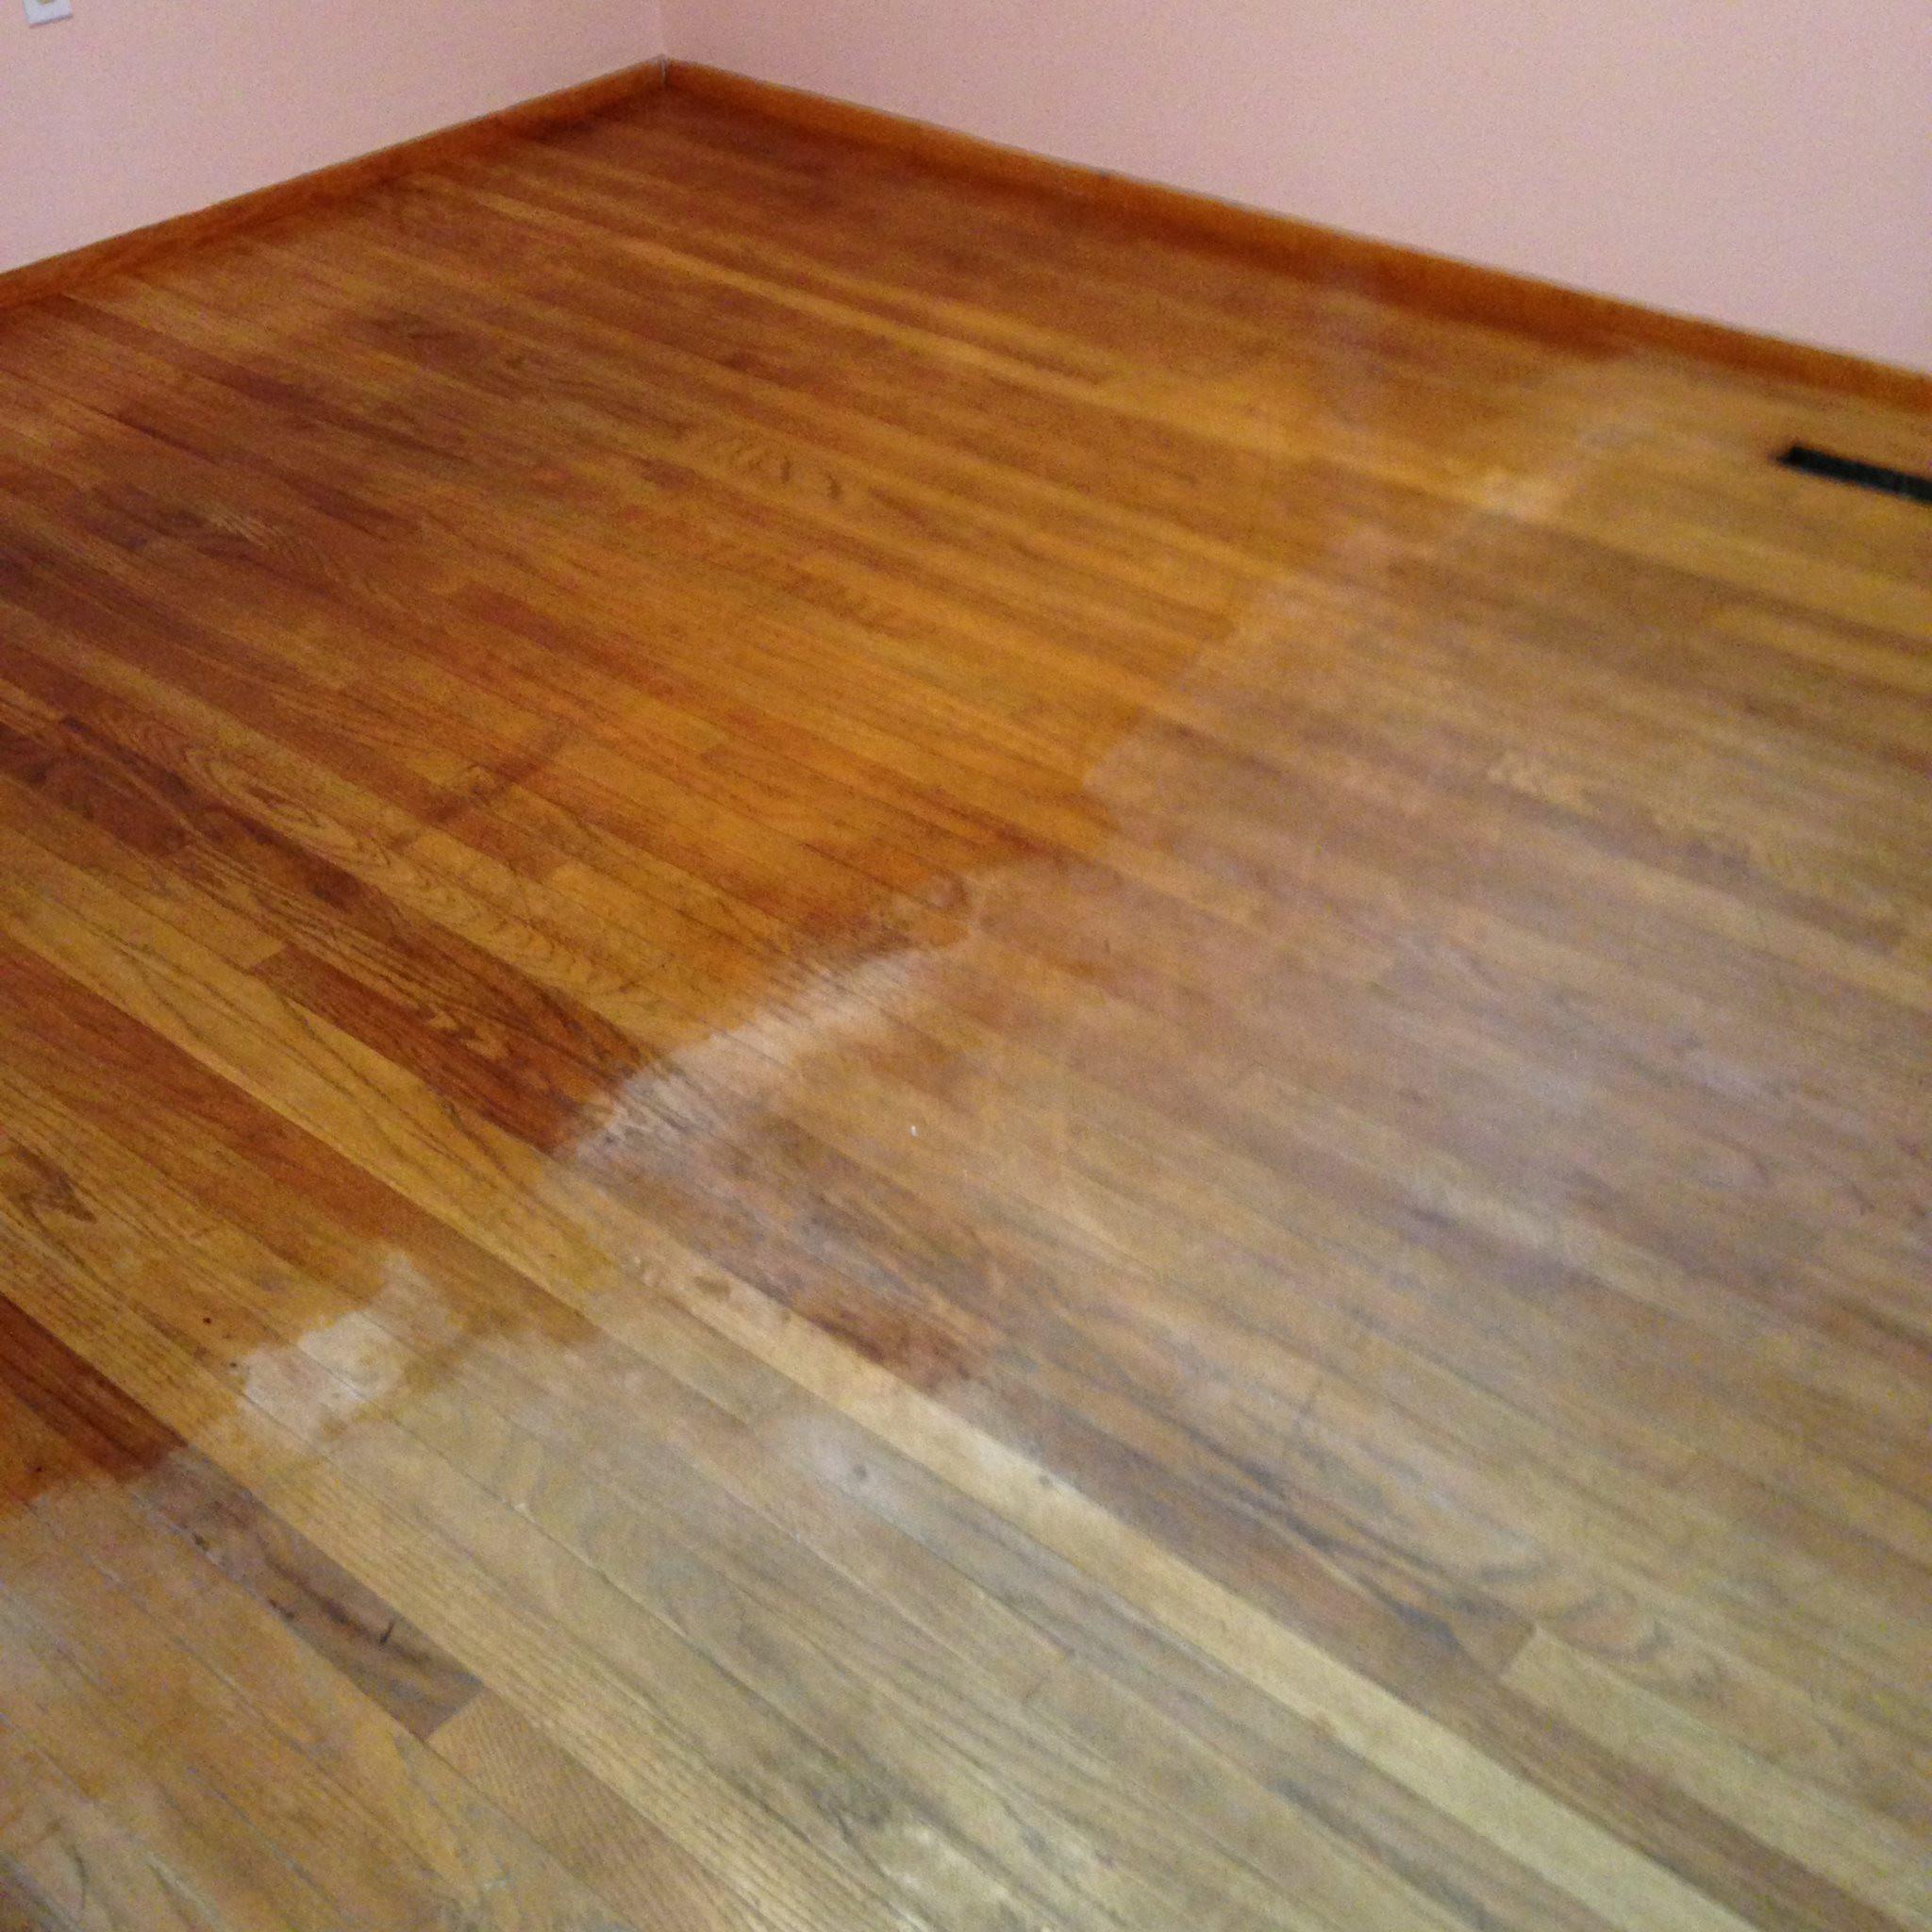 hardwood floor repair markers of 15 wood floor hacks every homeowner needs to know intended for wood floor hacks 15